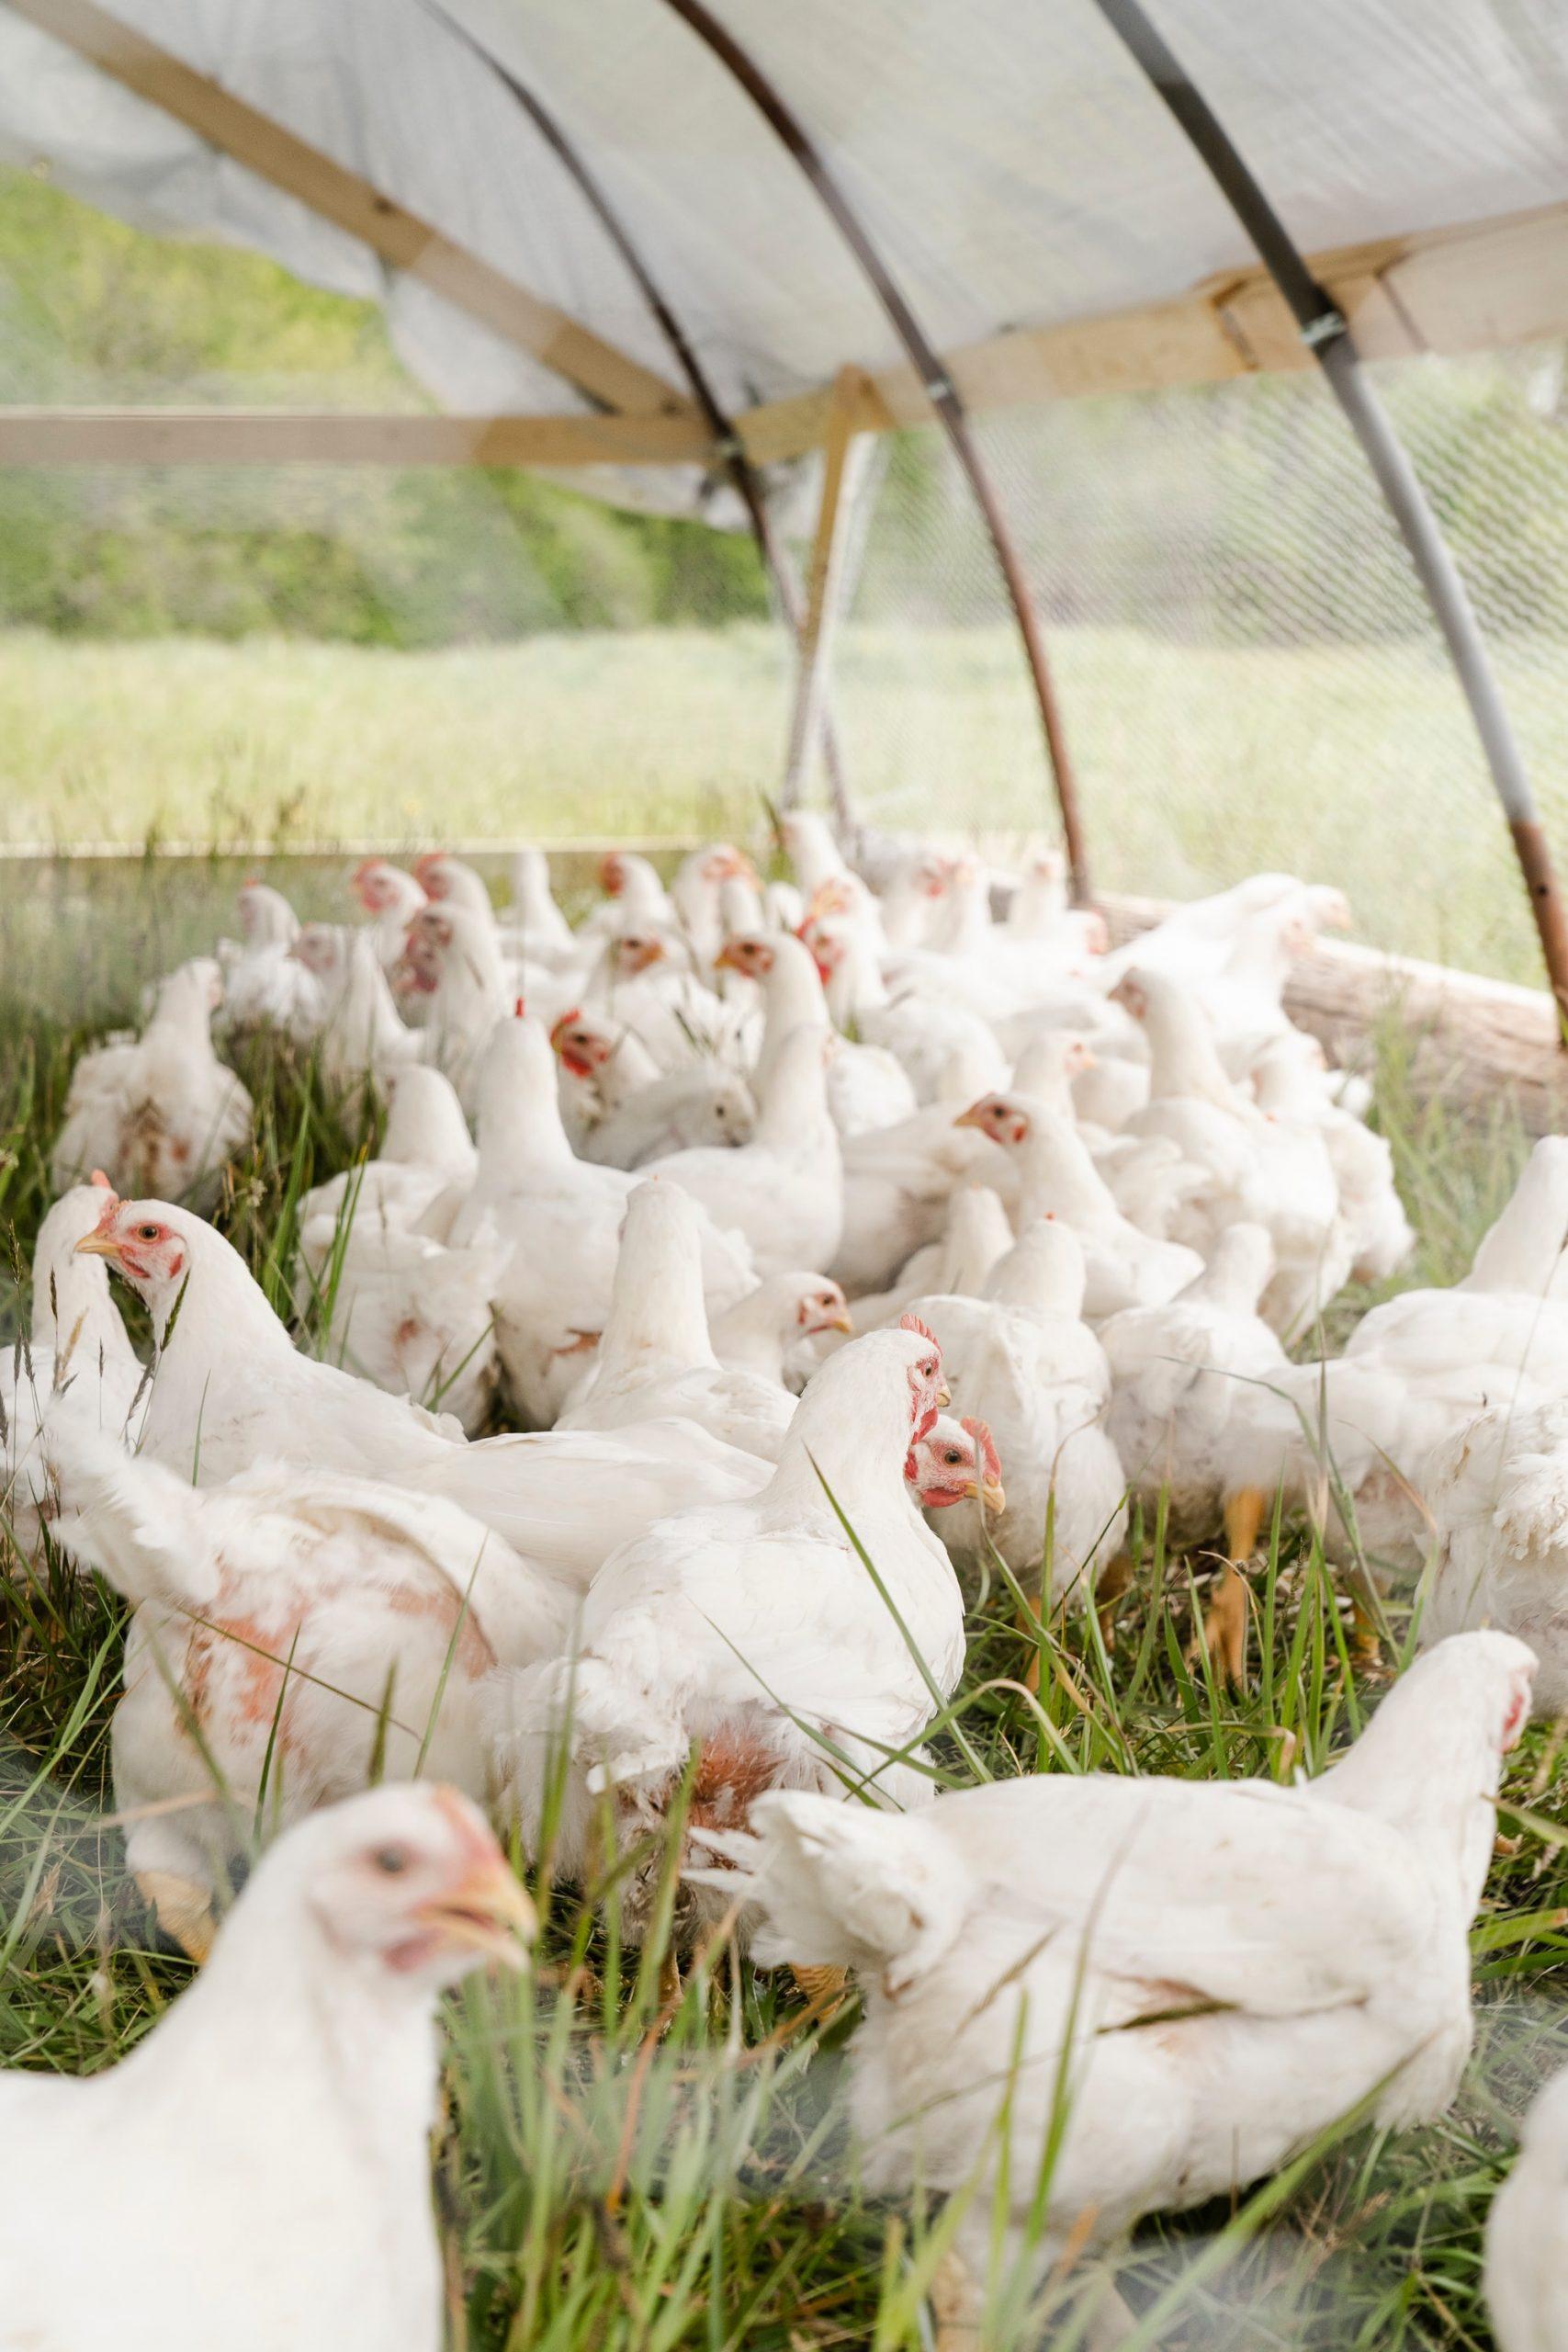 Aicinām piedalīties informatīvos vebināros par un ap putnkopību un citām lopkopības nozarēm